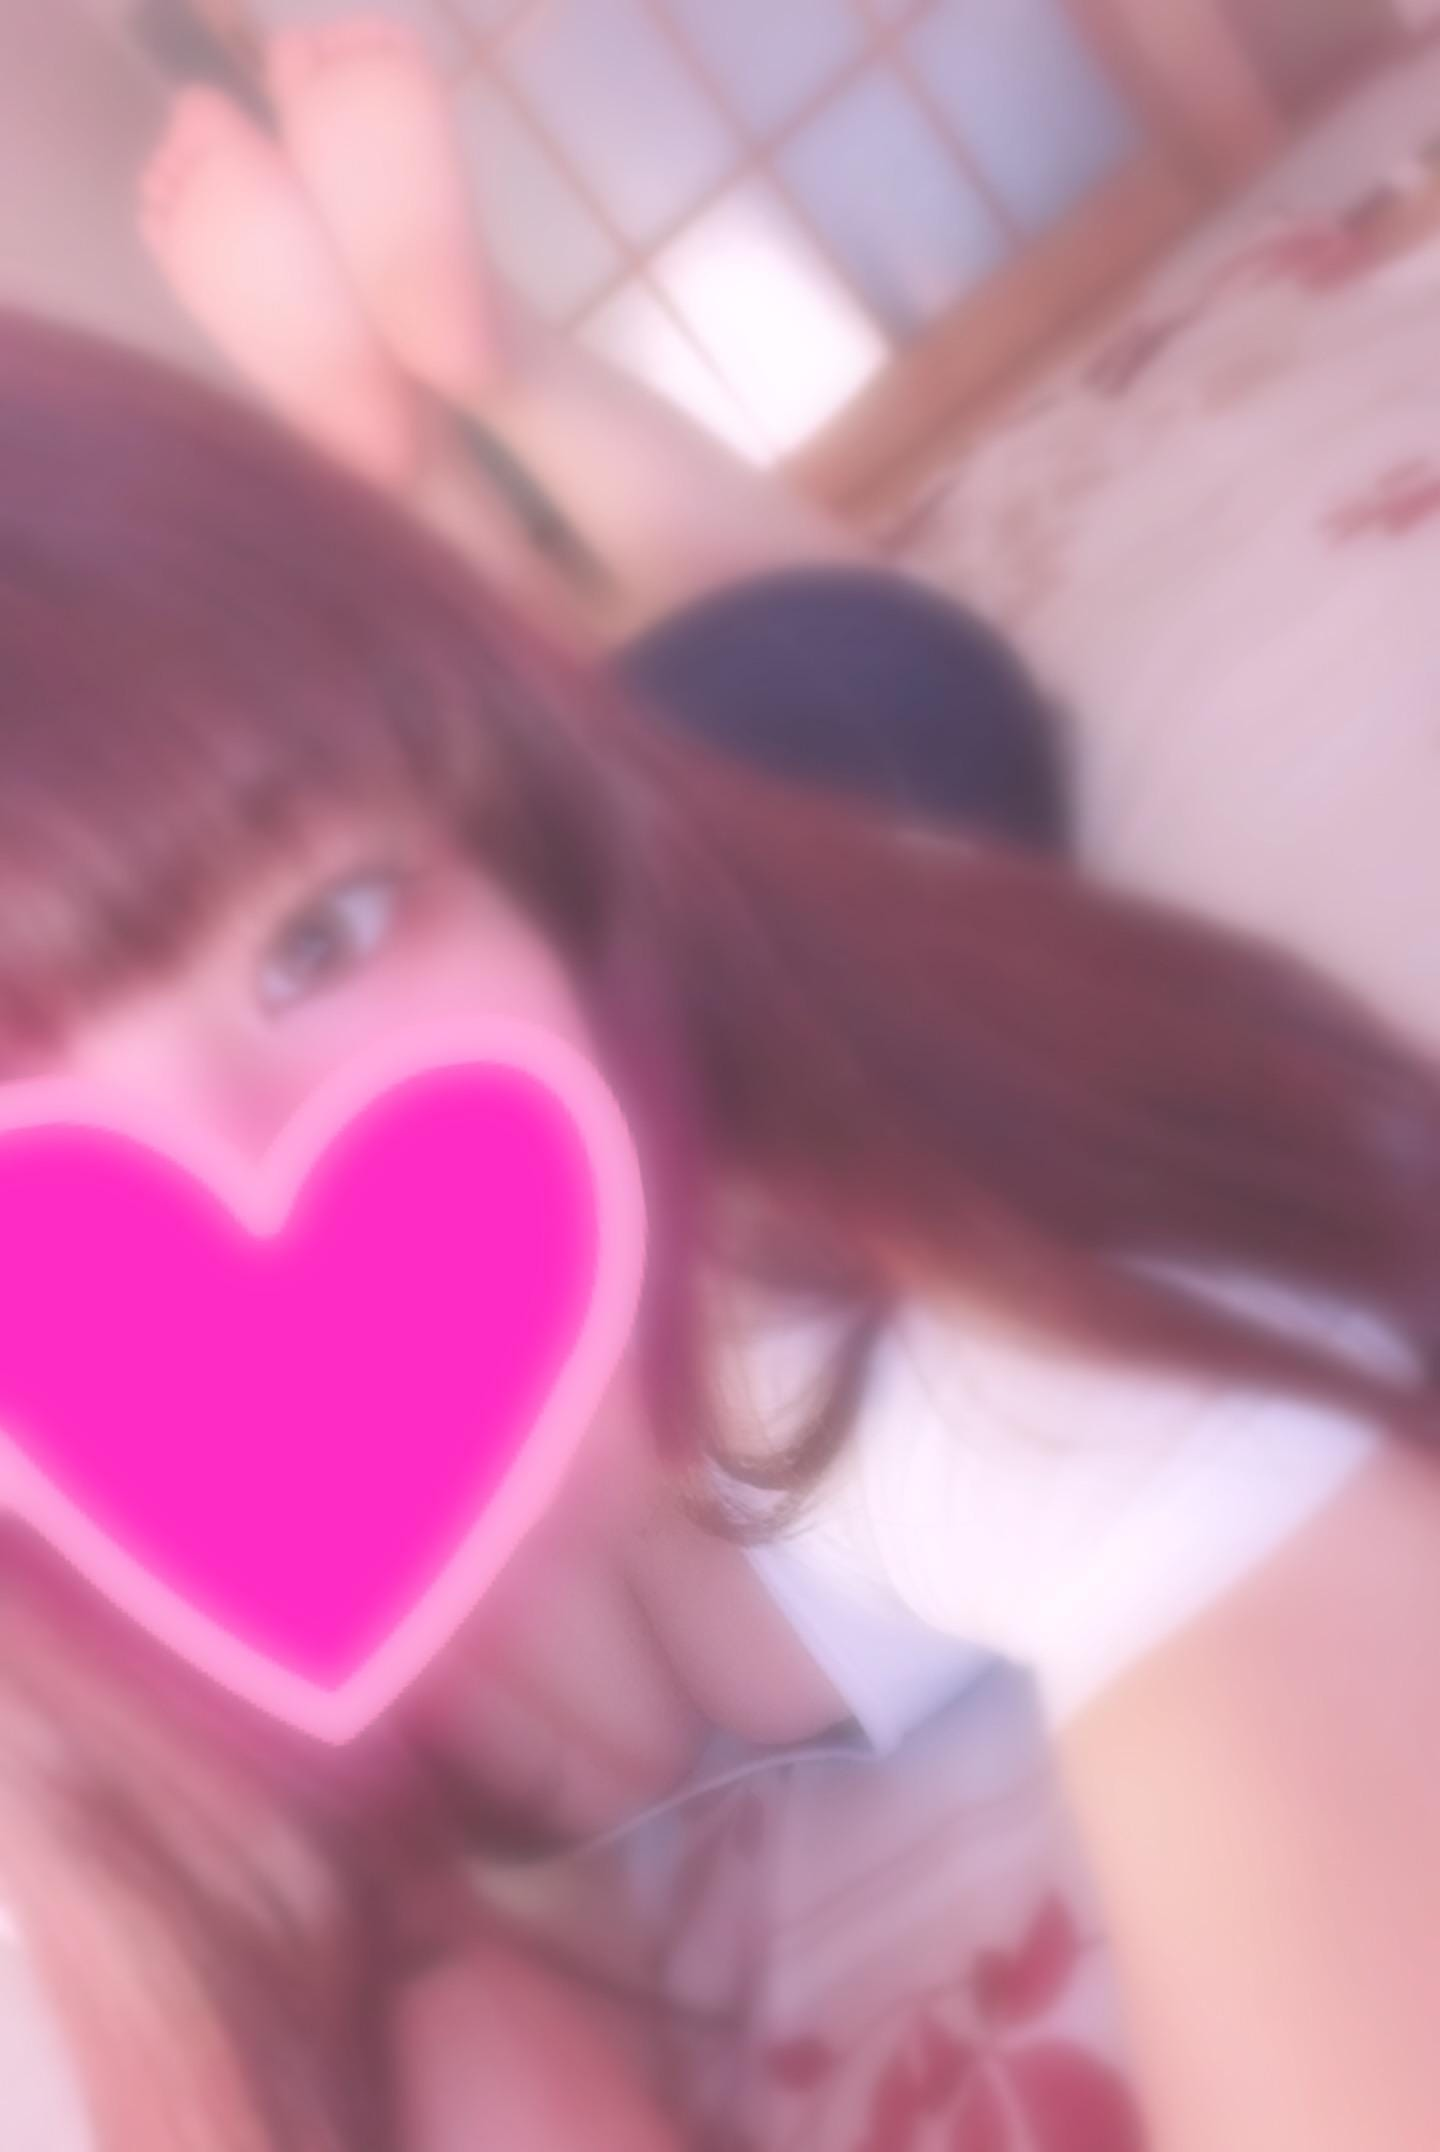 「本指名のN様♡♡」08/08(08/08) 23:42 | 一ノ瀬ゆいの写メ・風俗動画